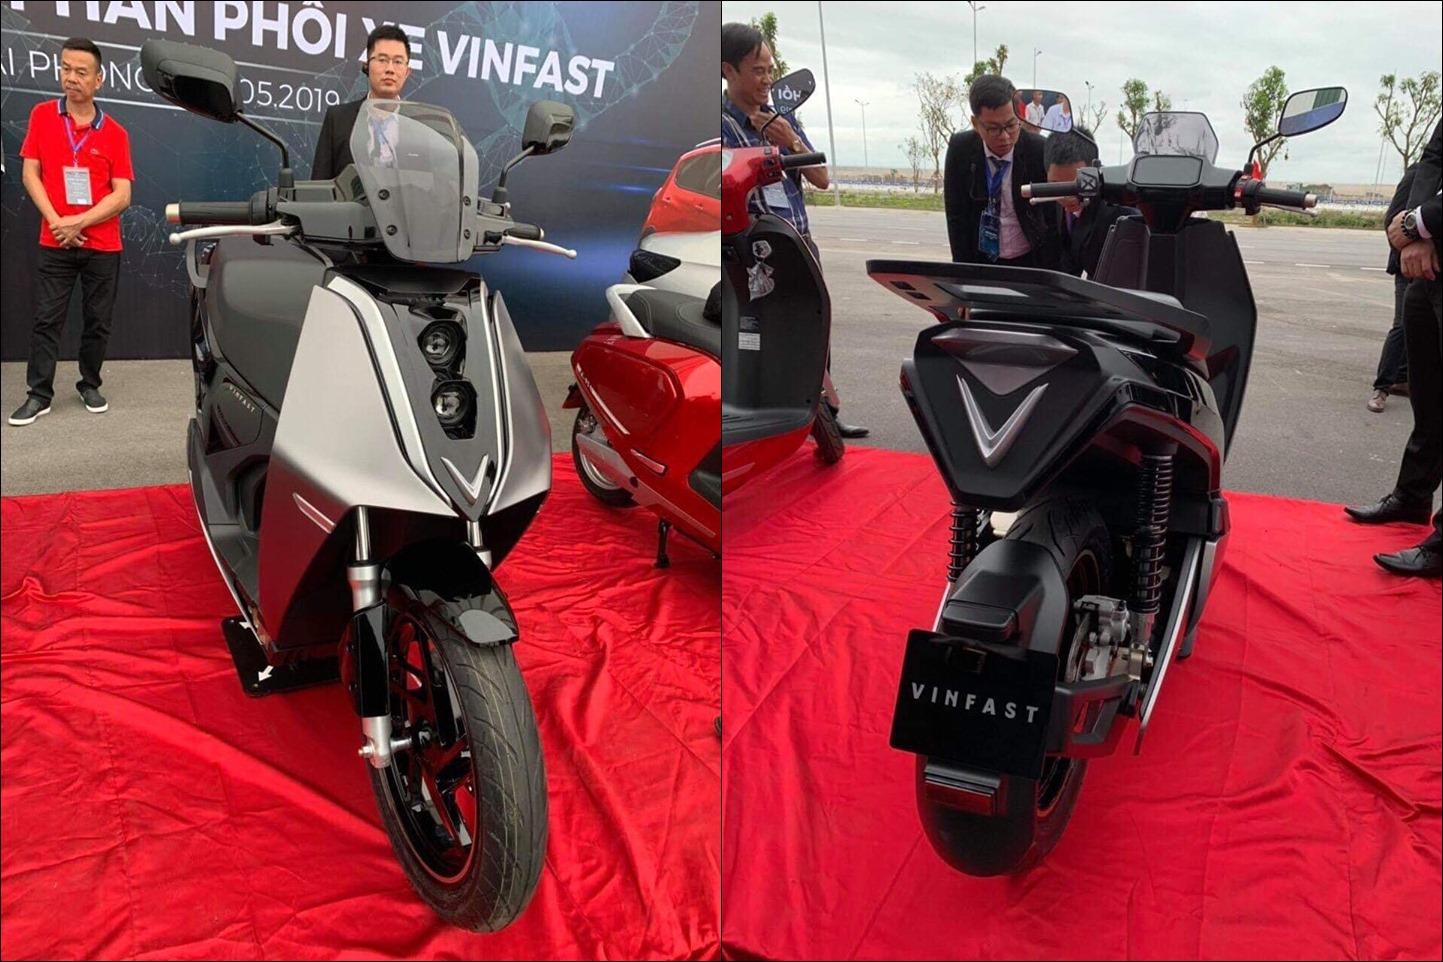 VinFast hé lộ mẫu xe máy điện thứ 2 tại Việt Nam, có phanh ABS - Hình 3